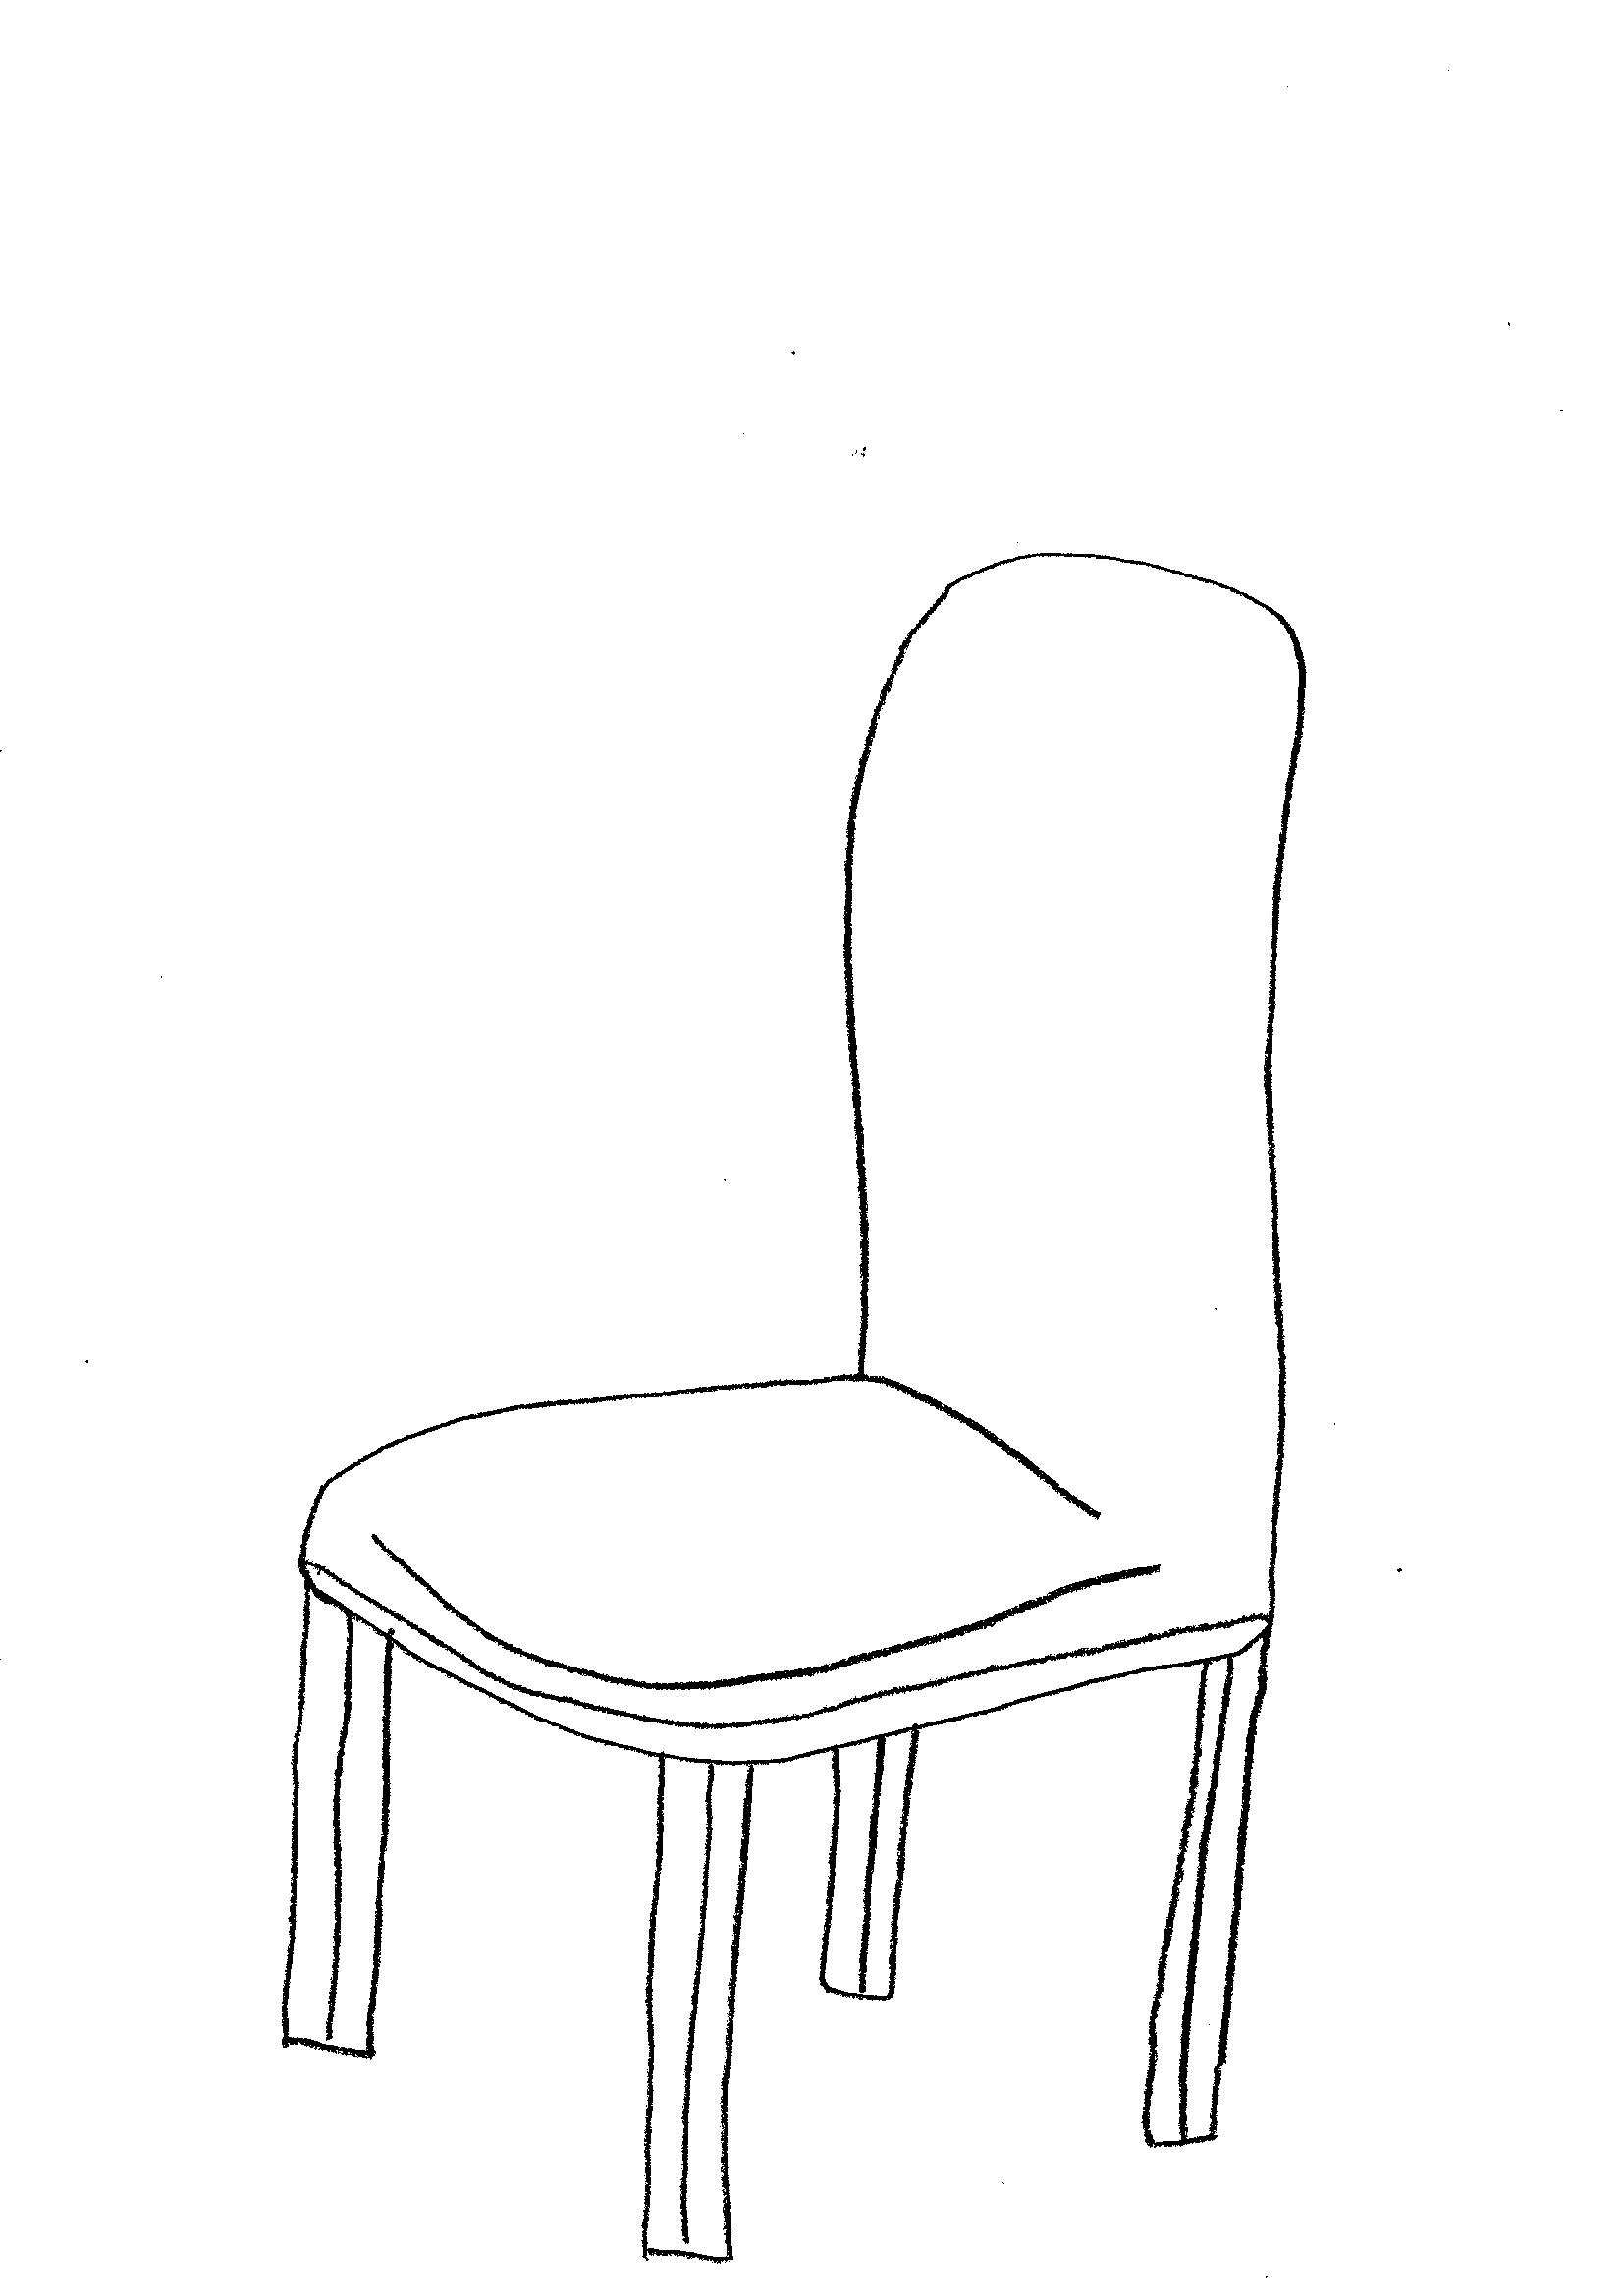 Sedie In Legno Da Colorare.Sedia A Dondolo Disegno Interno Di Casa Smepool Com